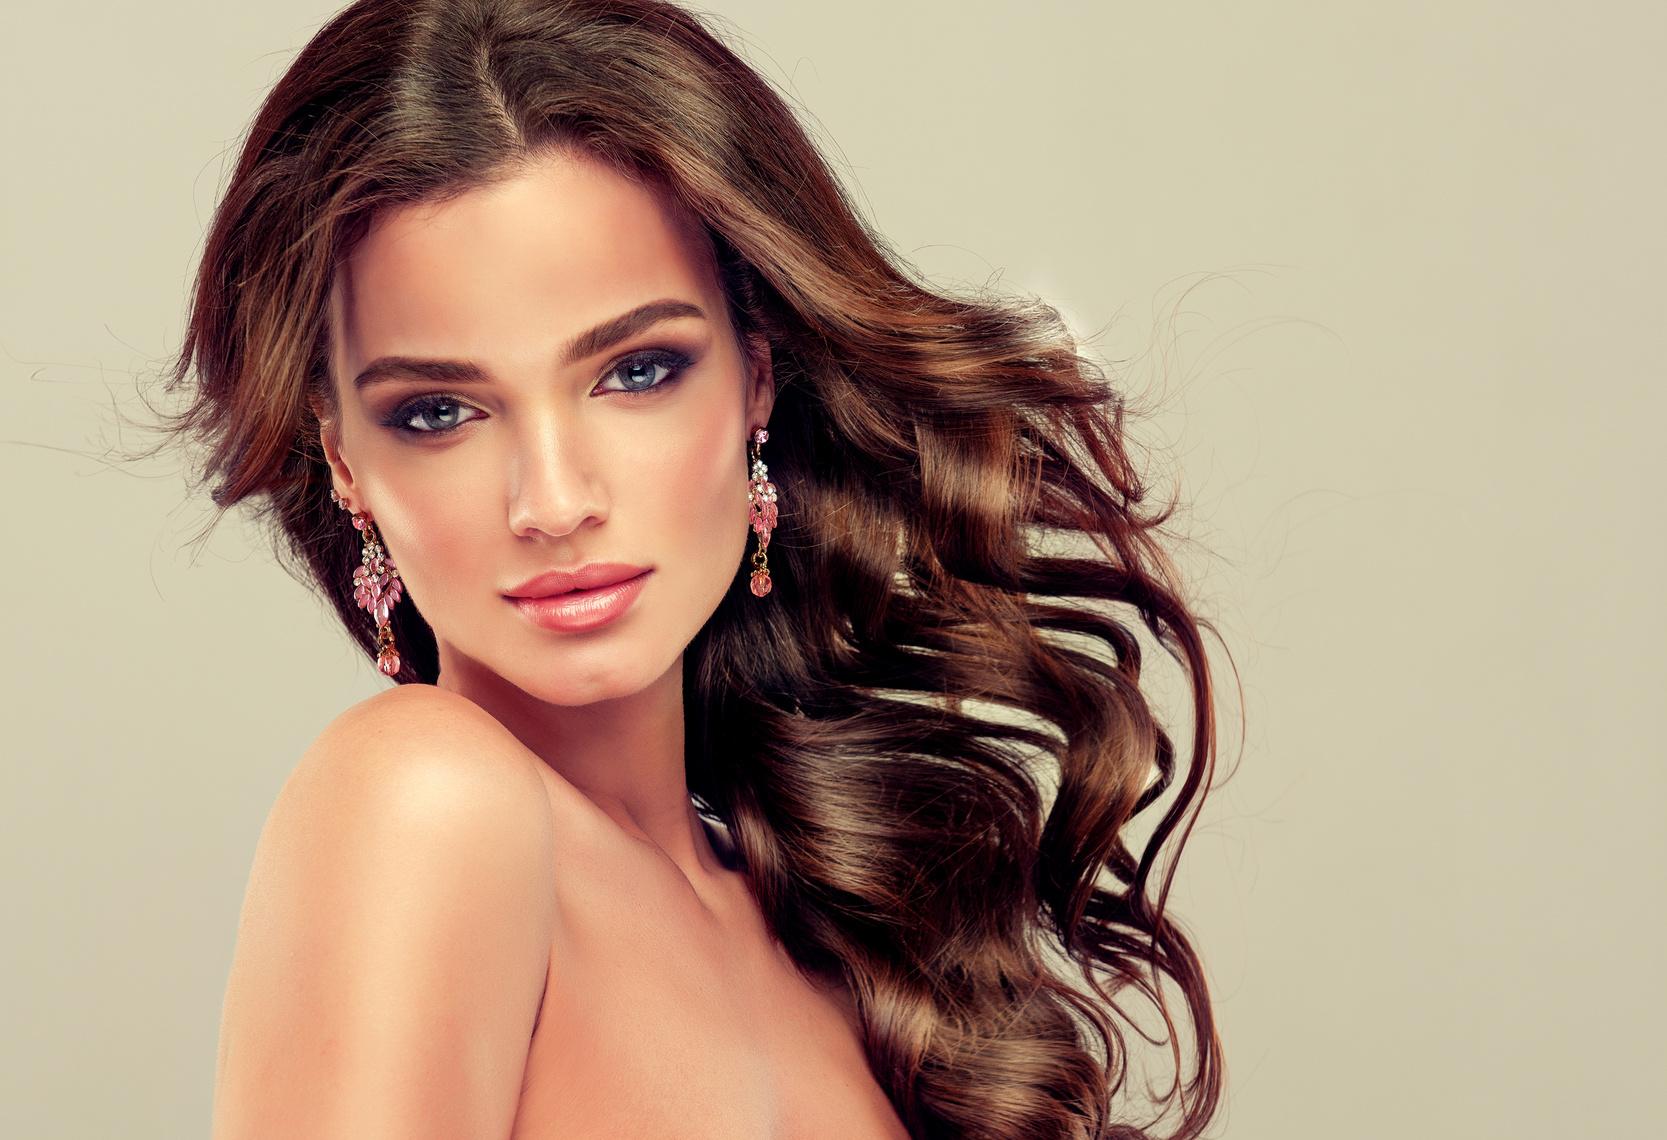 Hiustenleikkaus ja tehohoito 29€ tai hiustenleikkaus ja yksivärivärjäys 45€ (säästä jopa 66%)